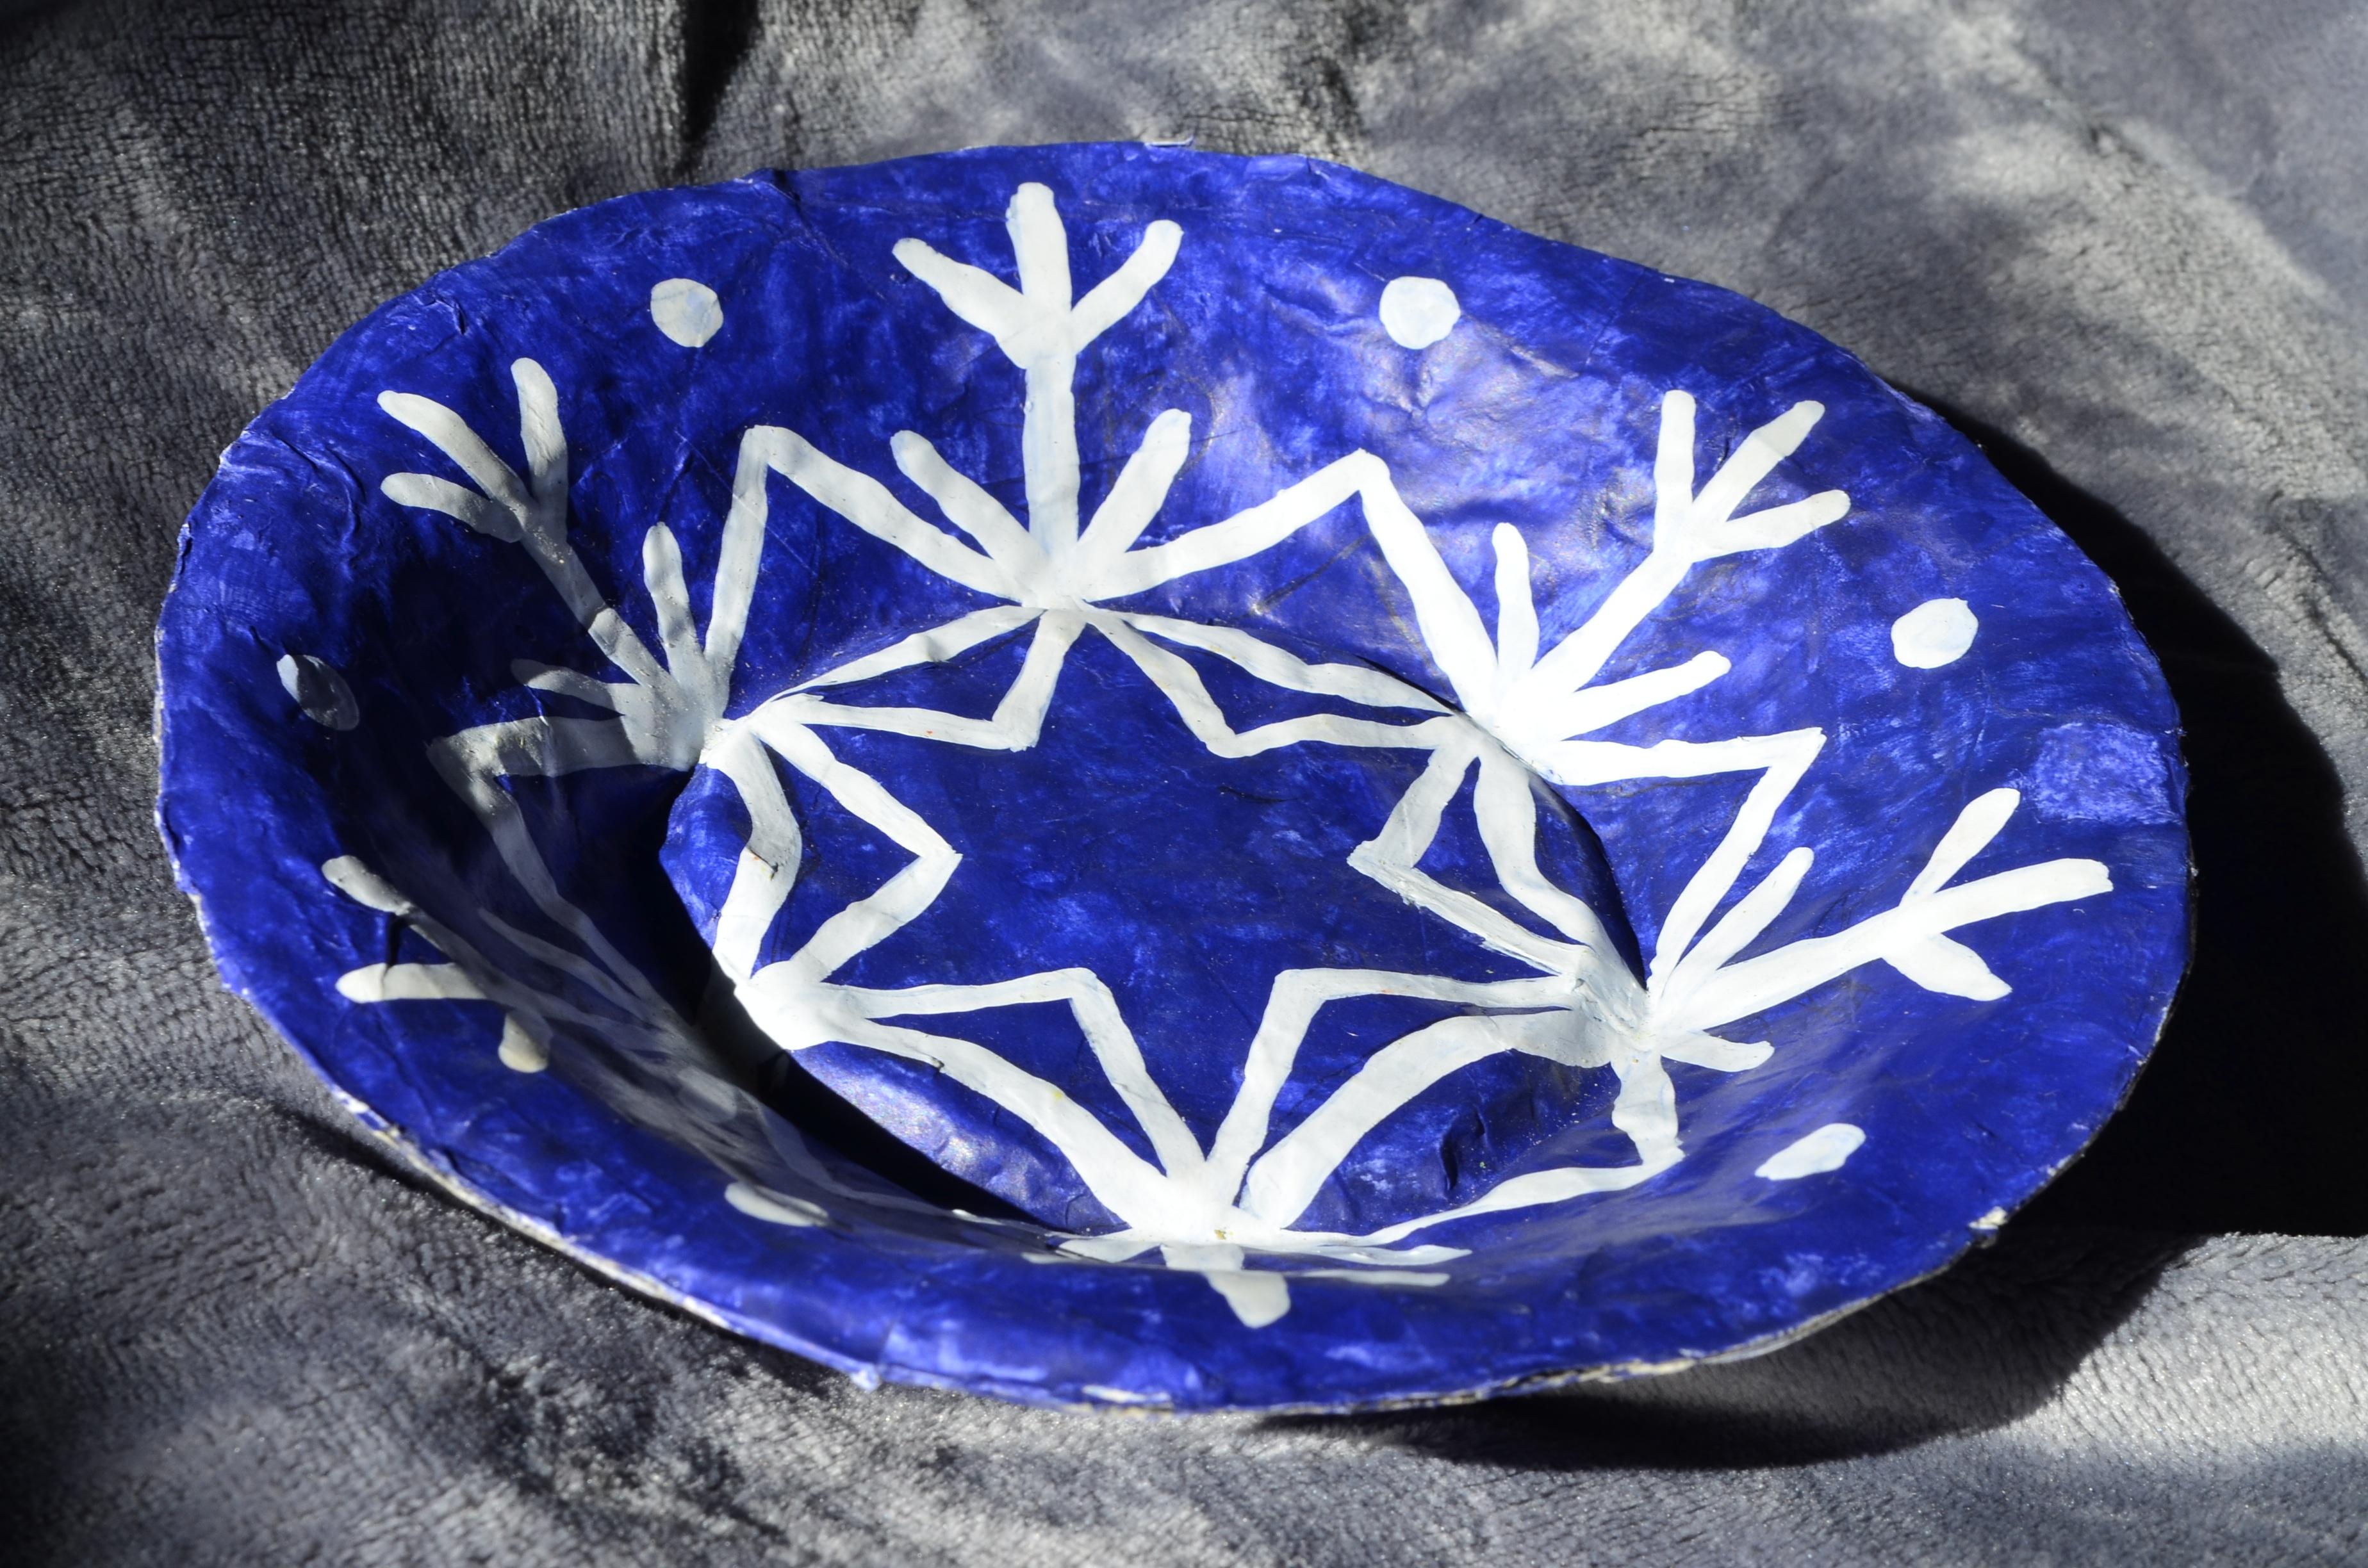 Peinture Sur Porcelaine Assiette images gratuites : fleur, verre, couleur, assiette, coloré